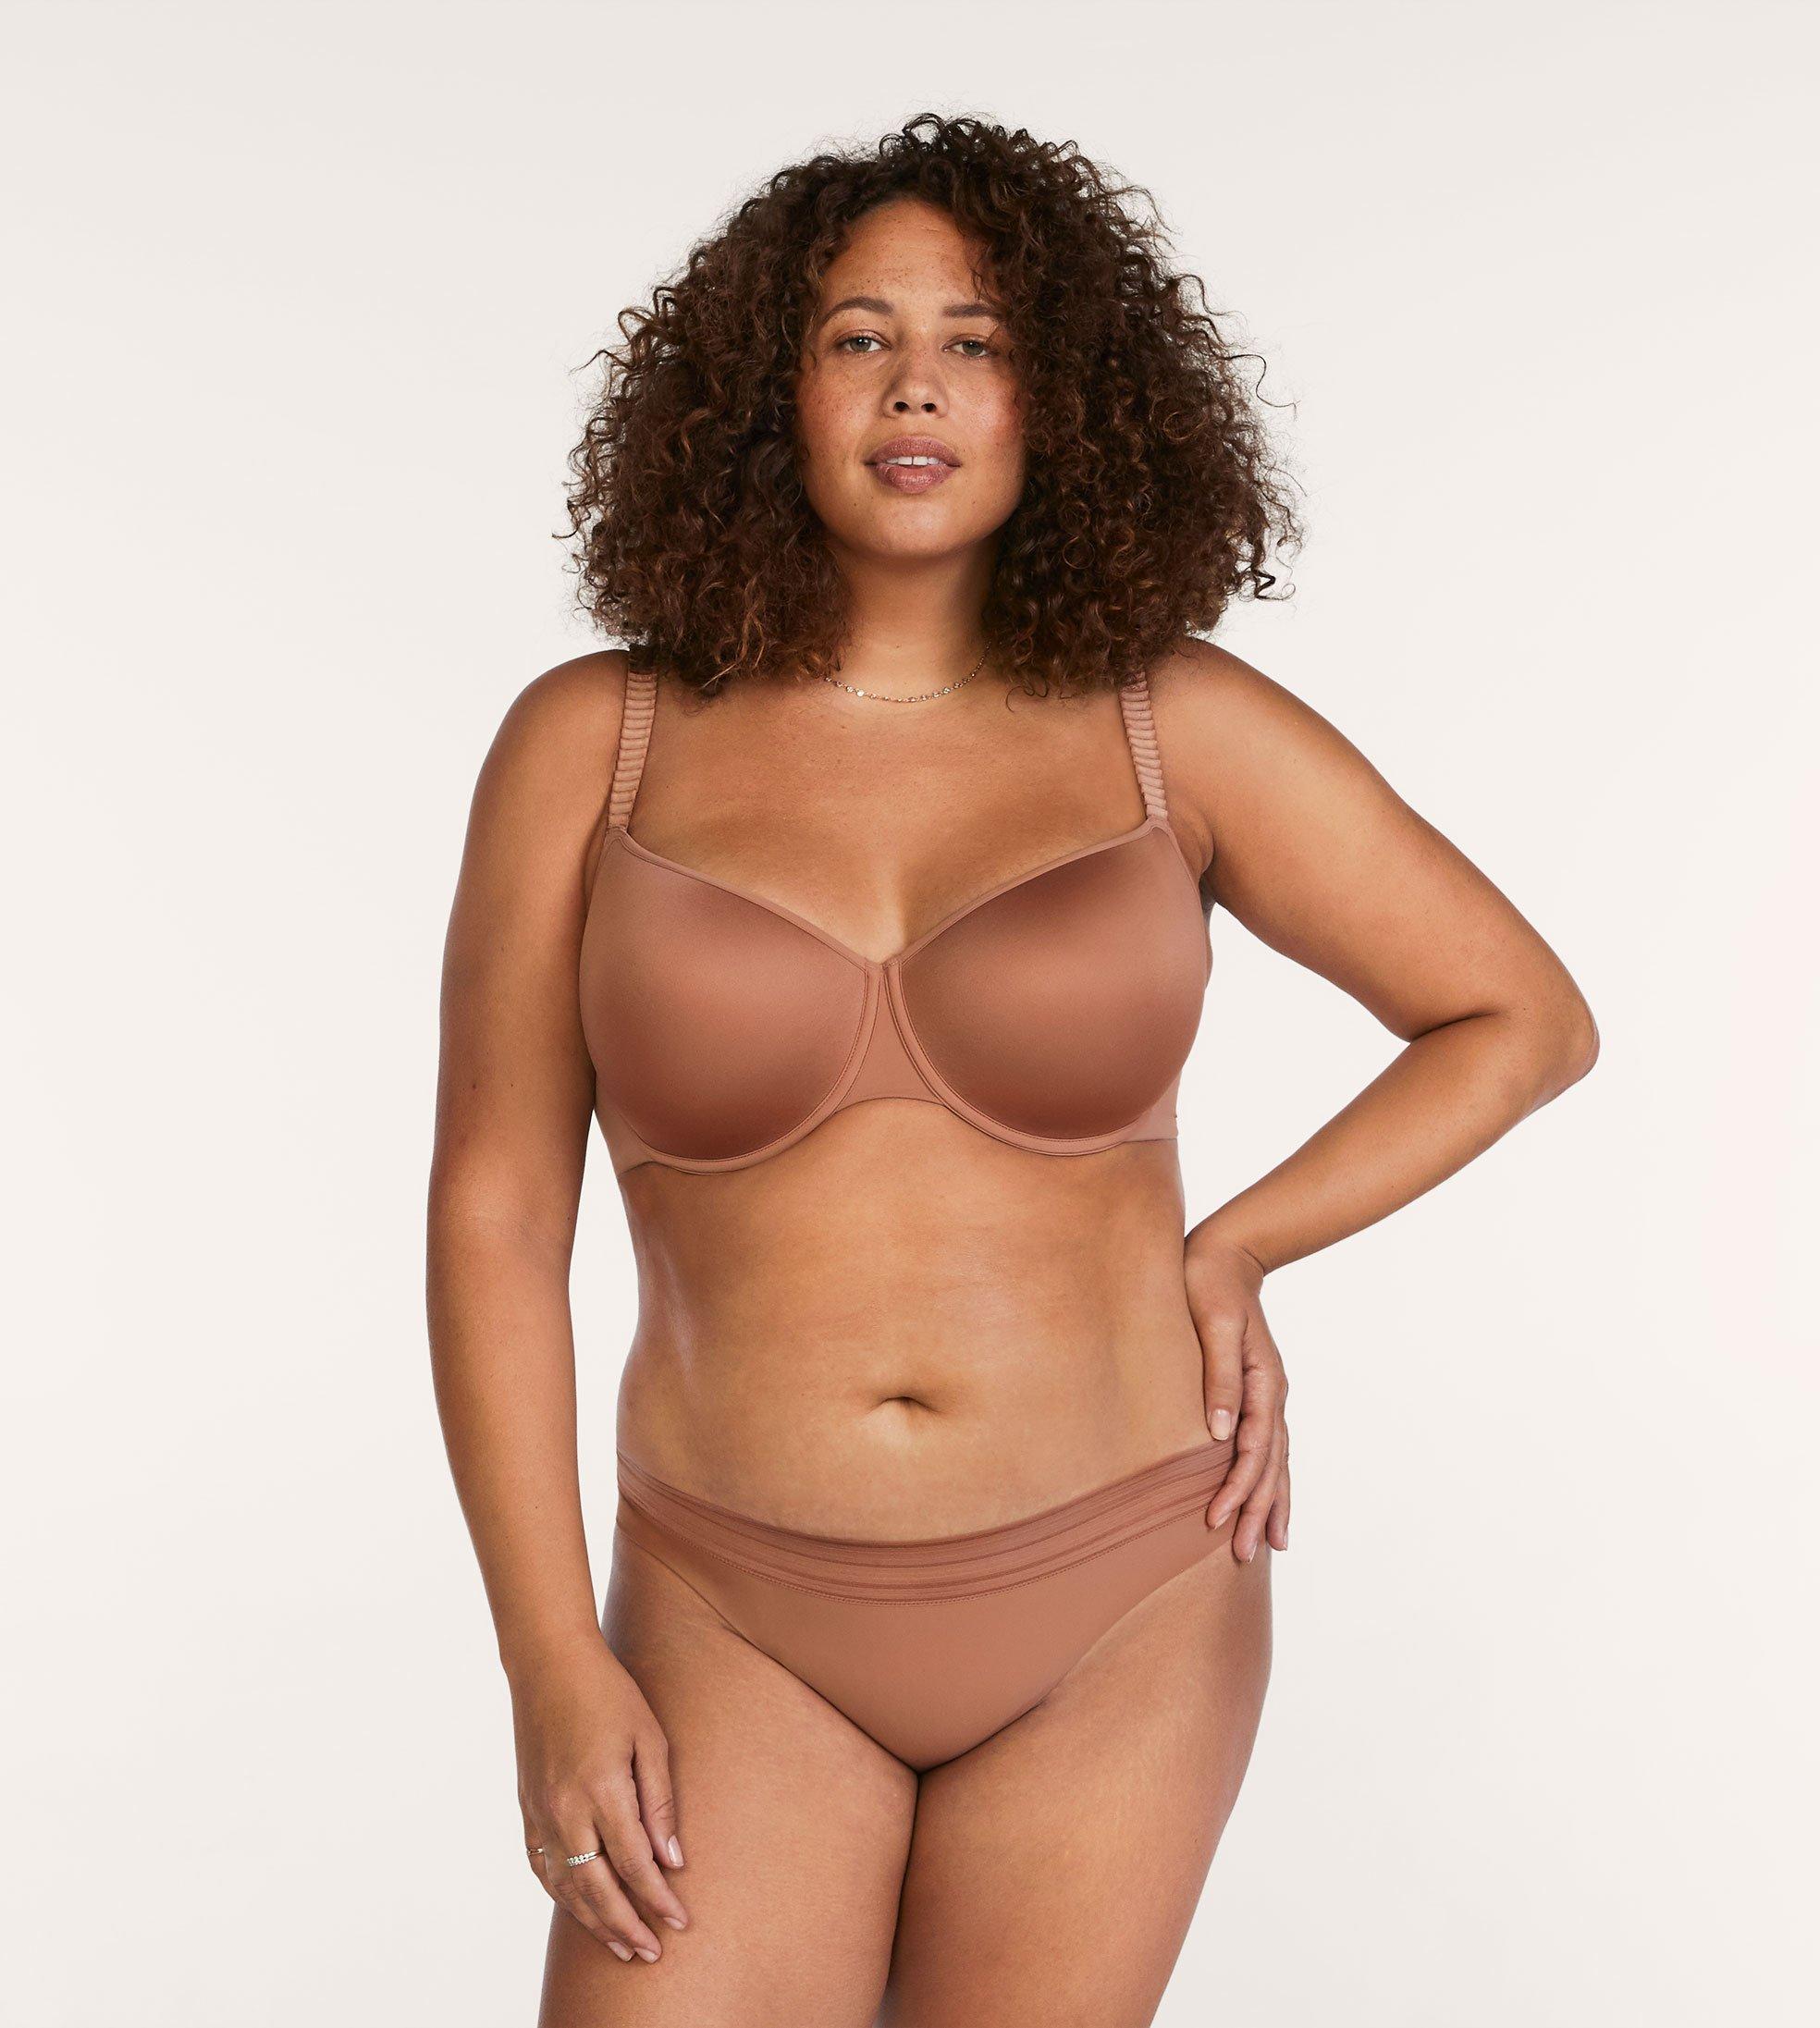 Pinay celeb nude fakes